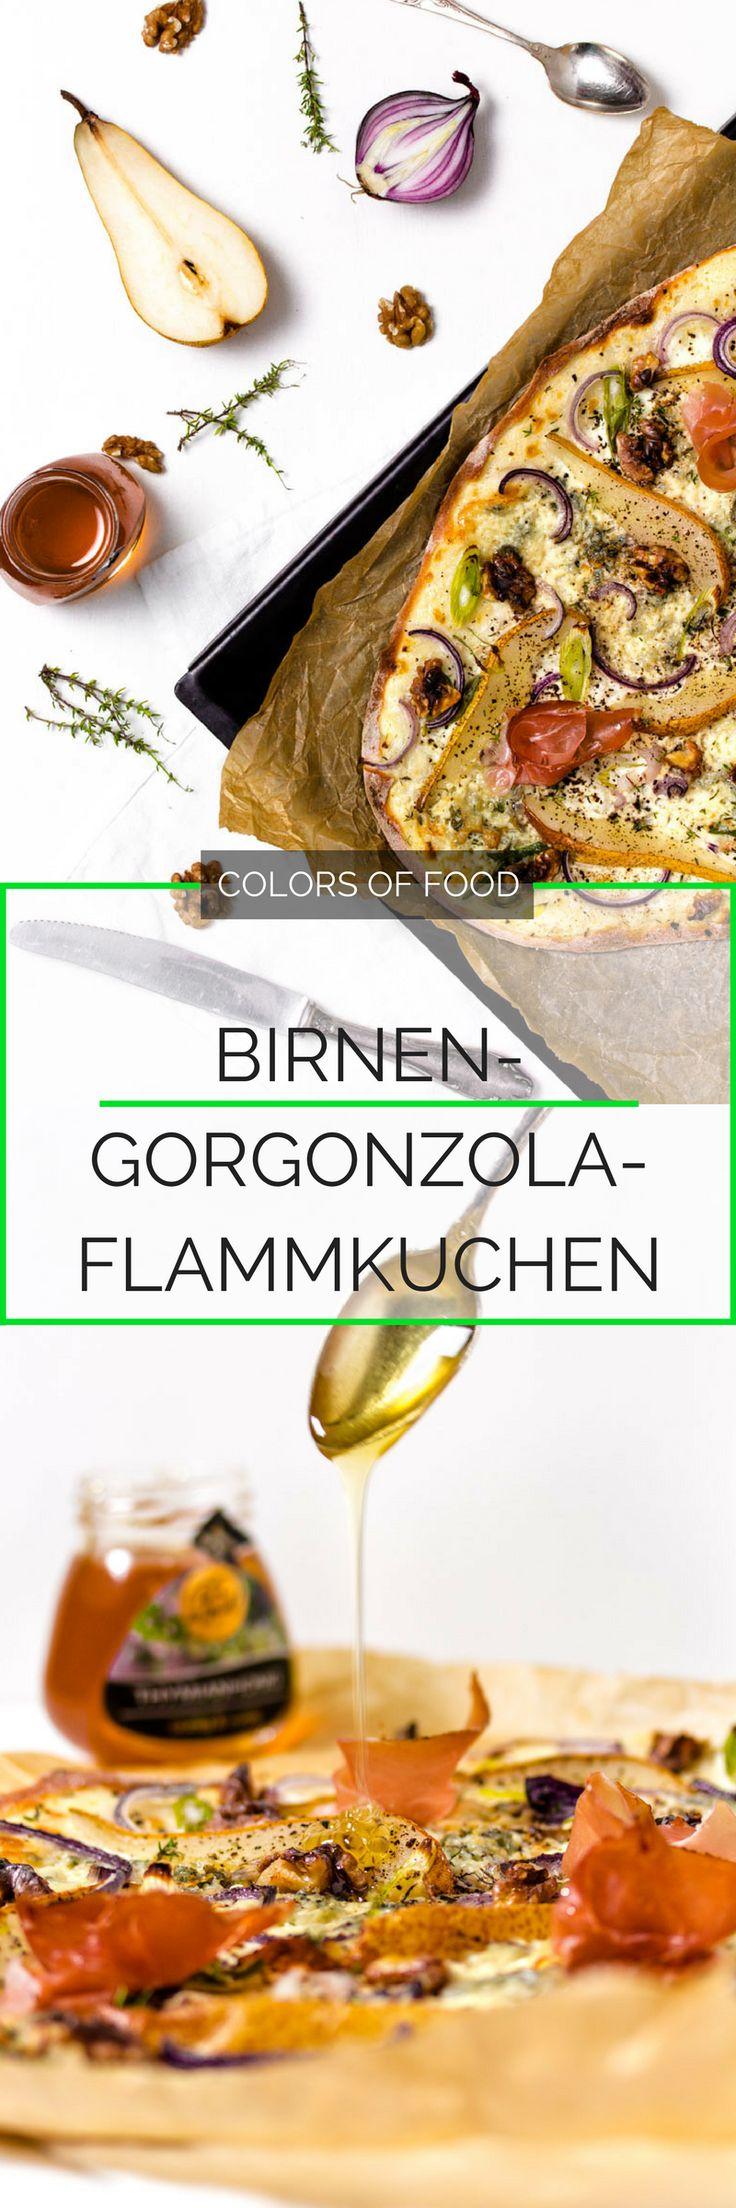 Dieser schnell gemachte,hauchdünne, krosse Birnen-Gorgonzola-Flammkuchen ist der perfekte Snack für jeden Anlass und ein geschmacklicher Knaller!